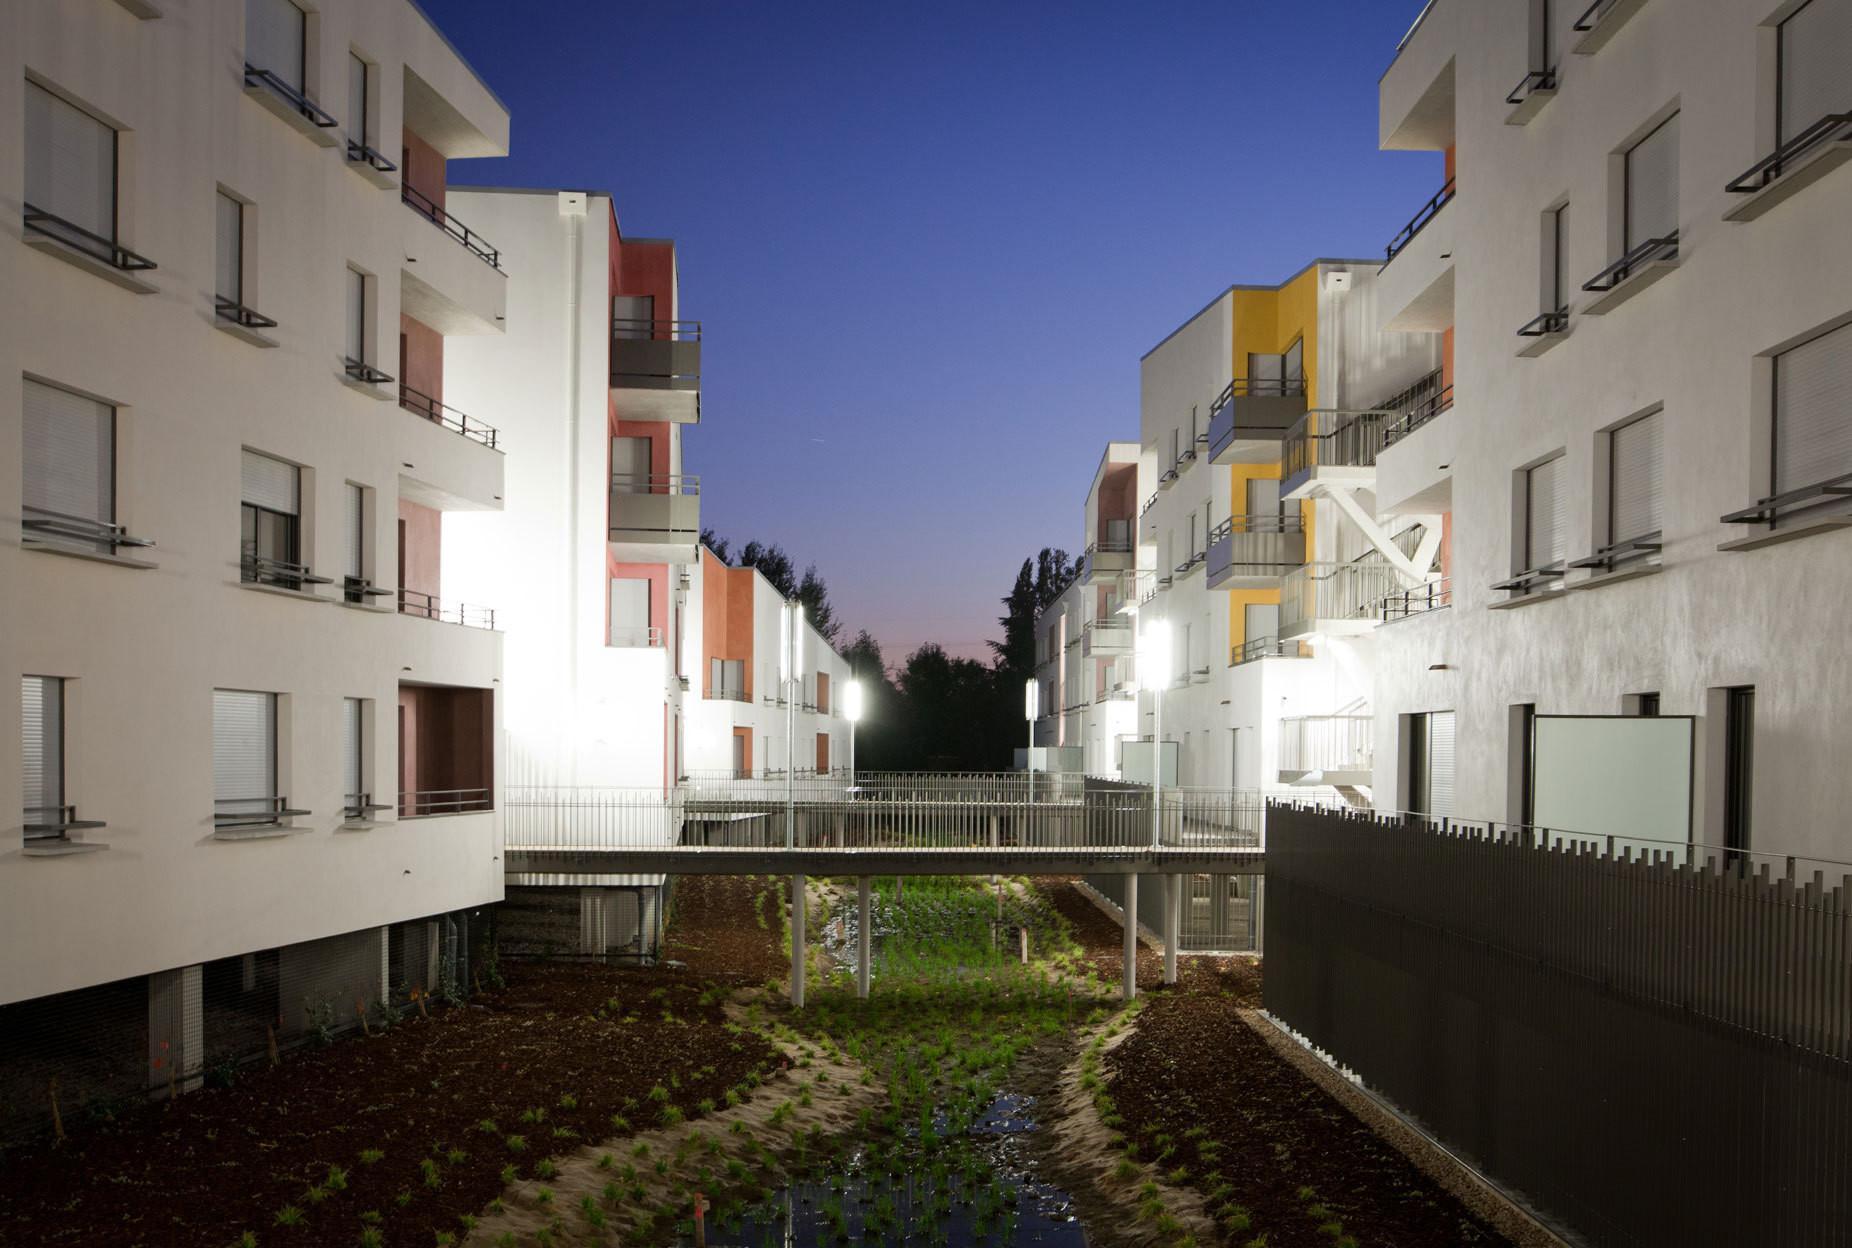 95 310  I  Saint-Ouen l'Aumône  I  Projet de rénovation urbaine